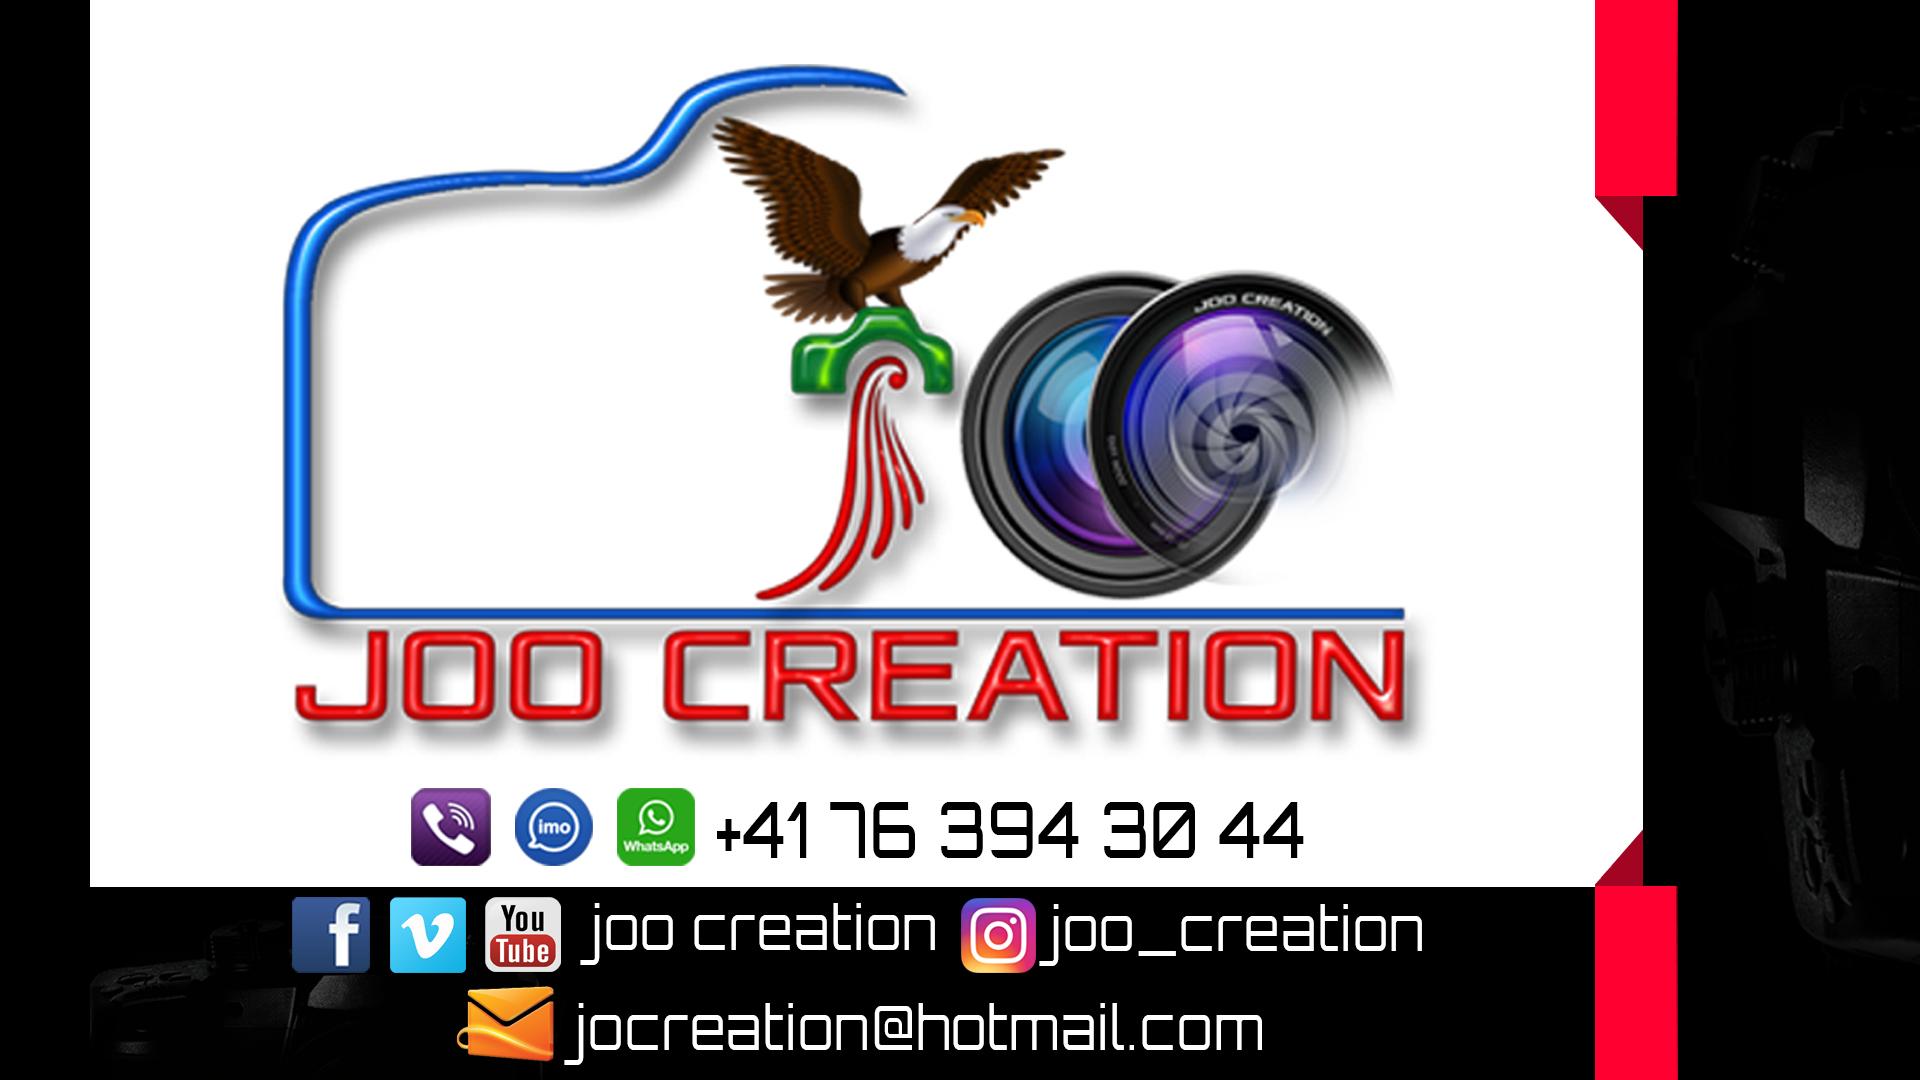 Joo Creation